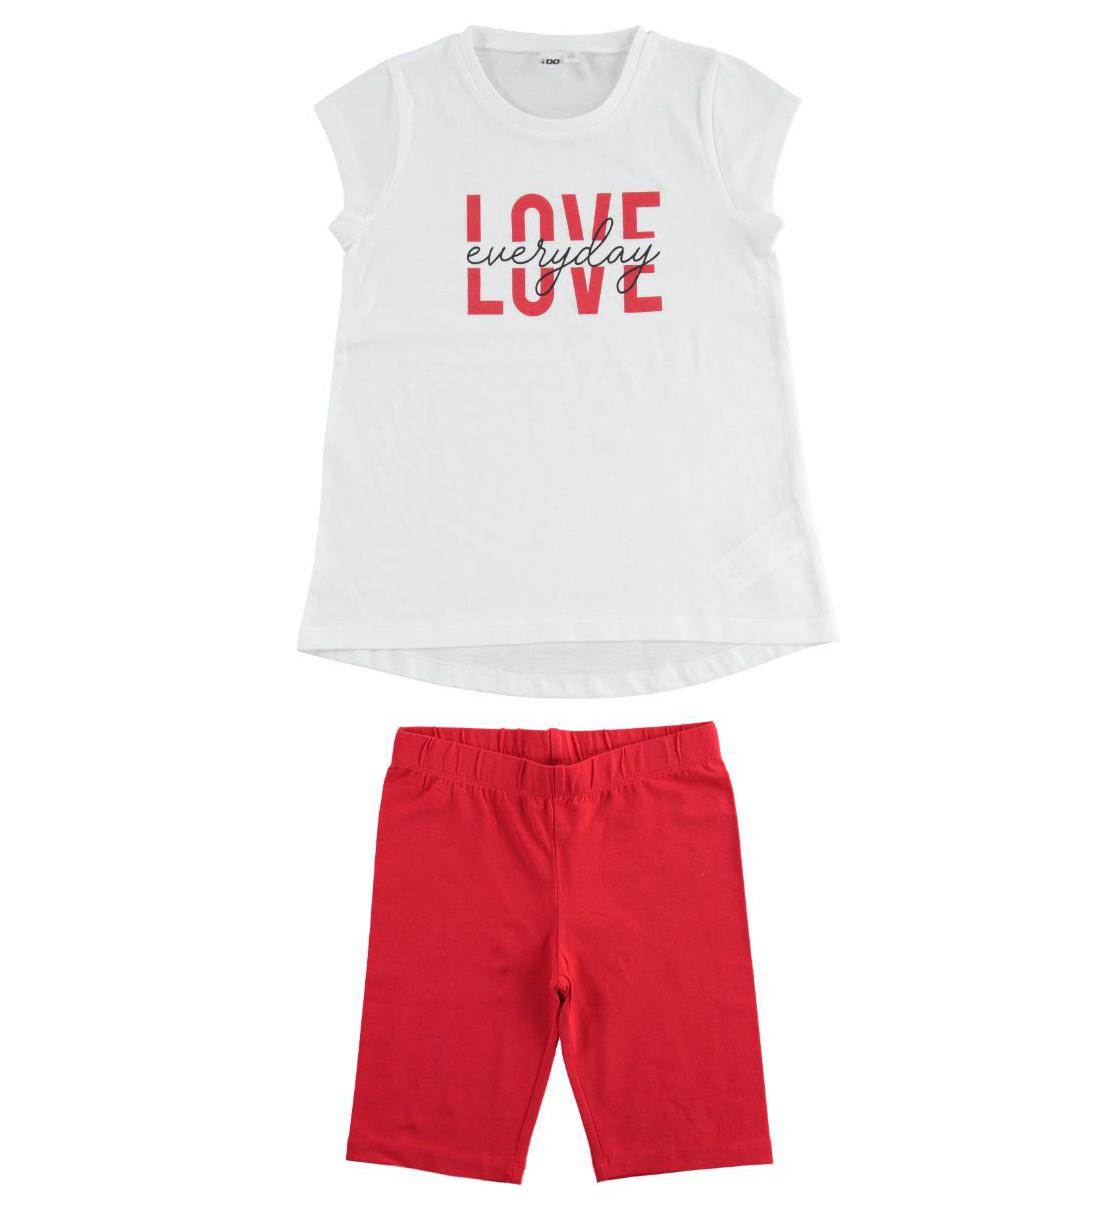 Piros rövidnadrágos szett fehér feliratos pamut pólóval